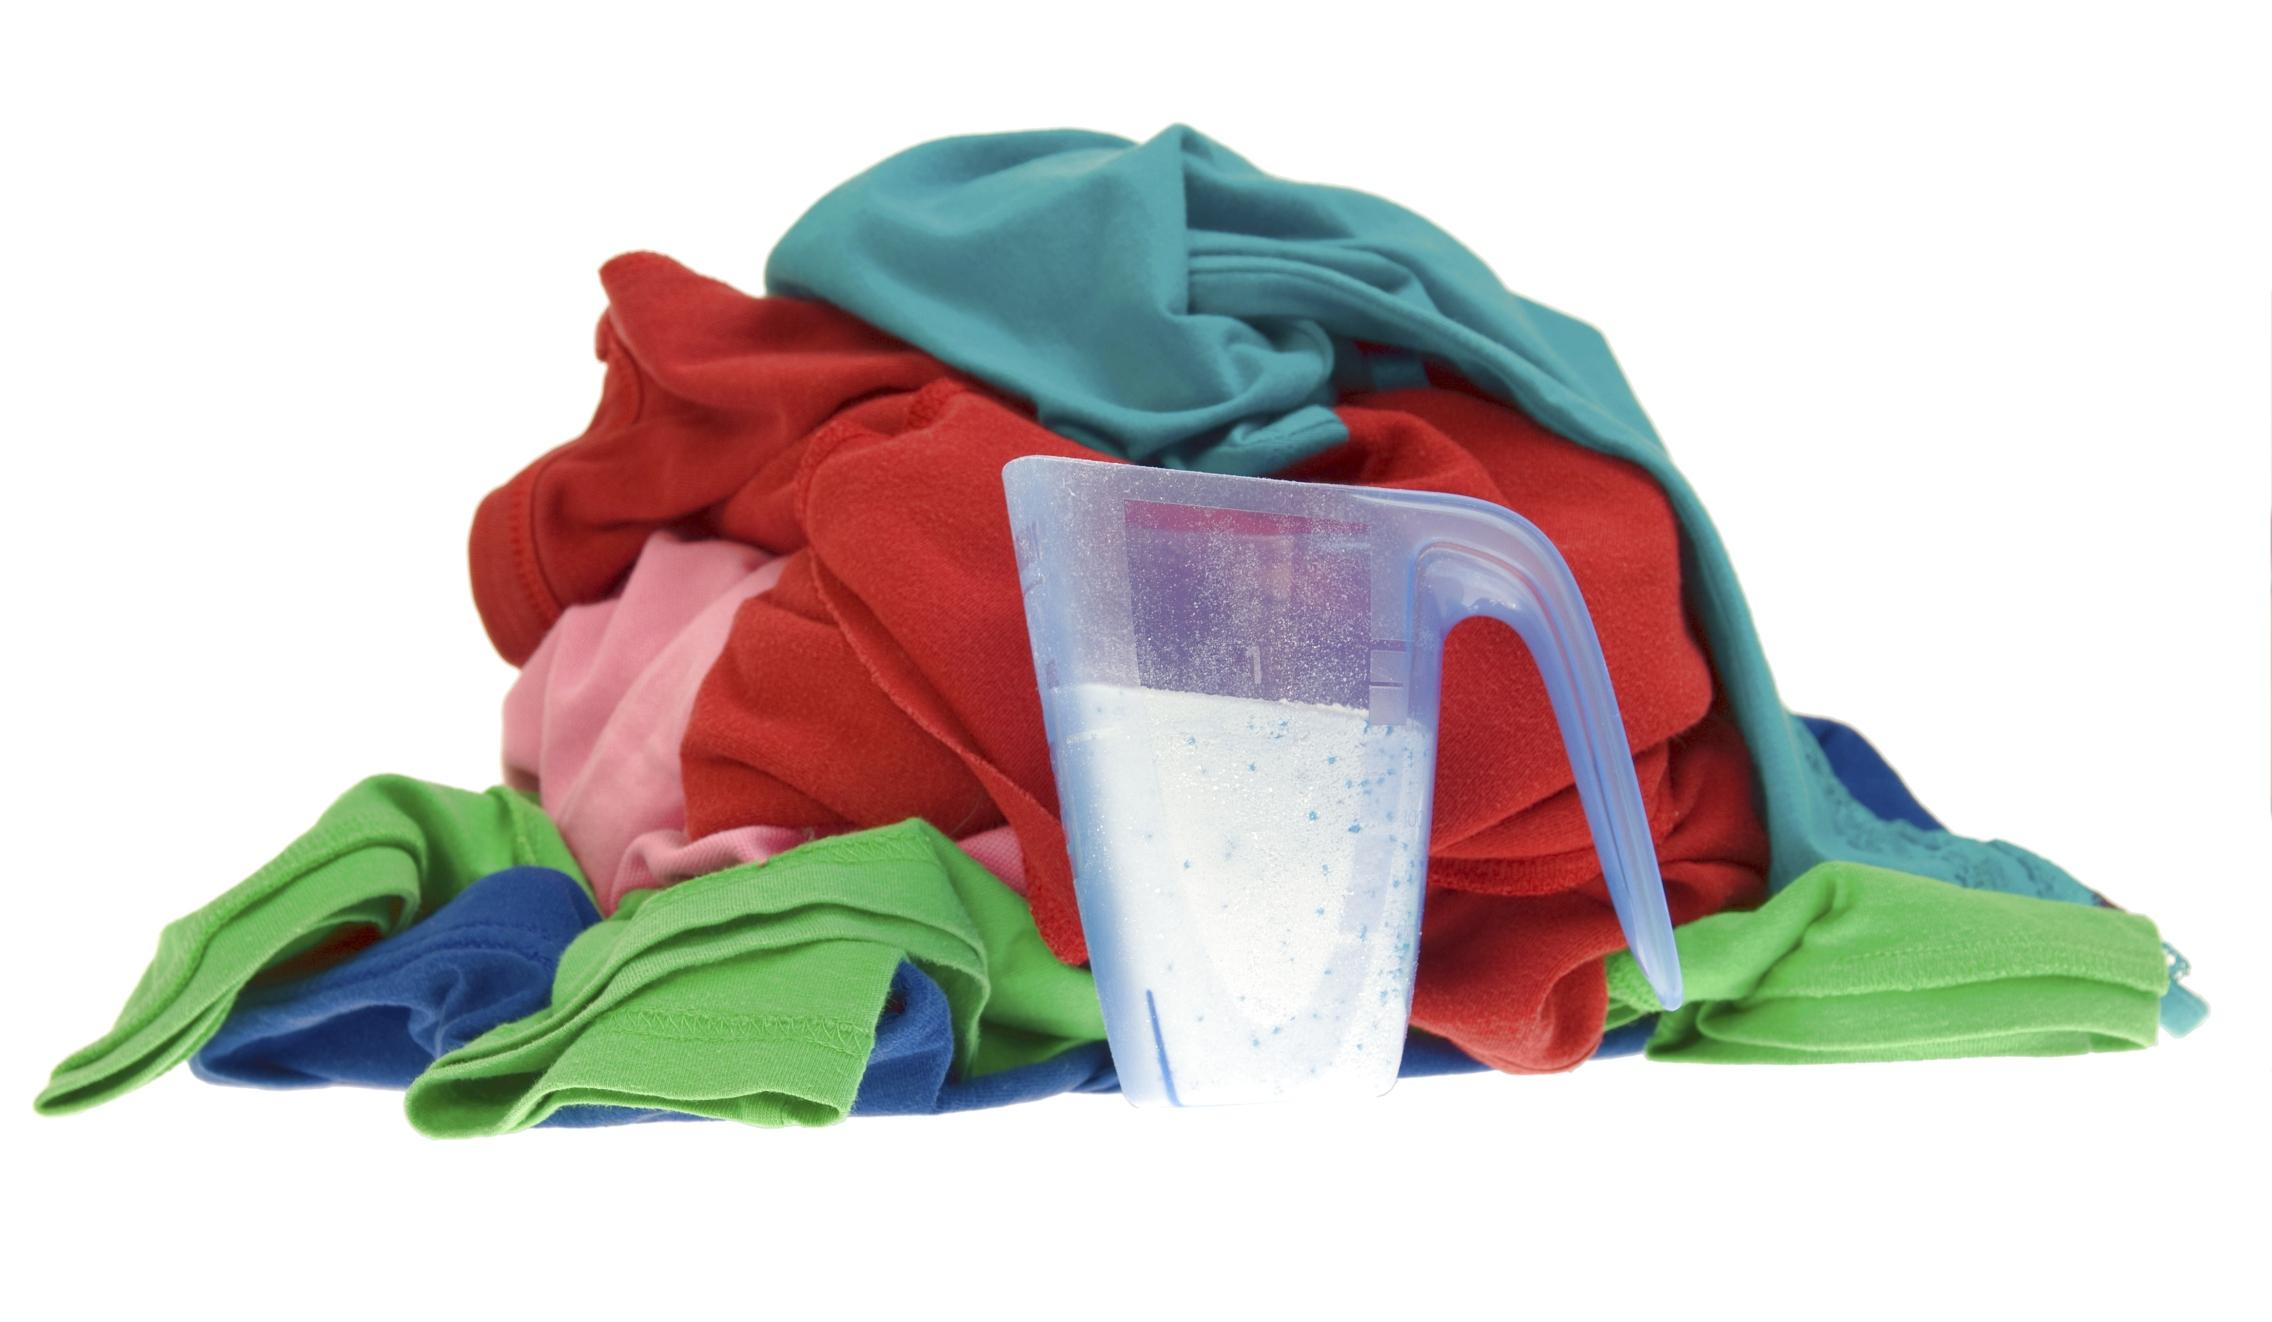 Bikarbonat i tvättstugan